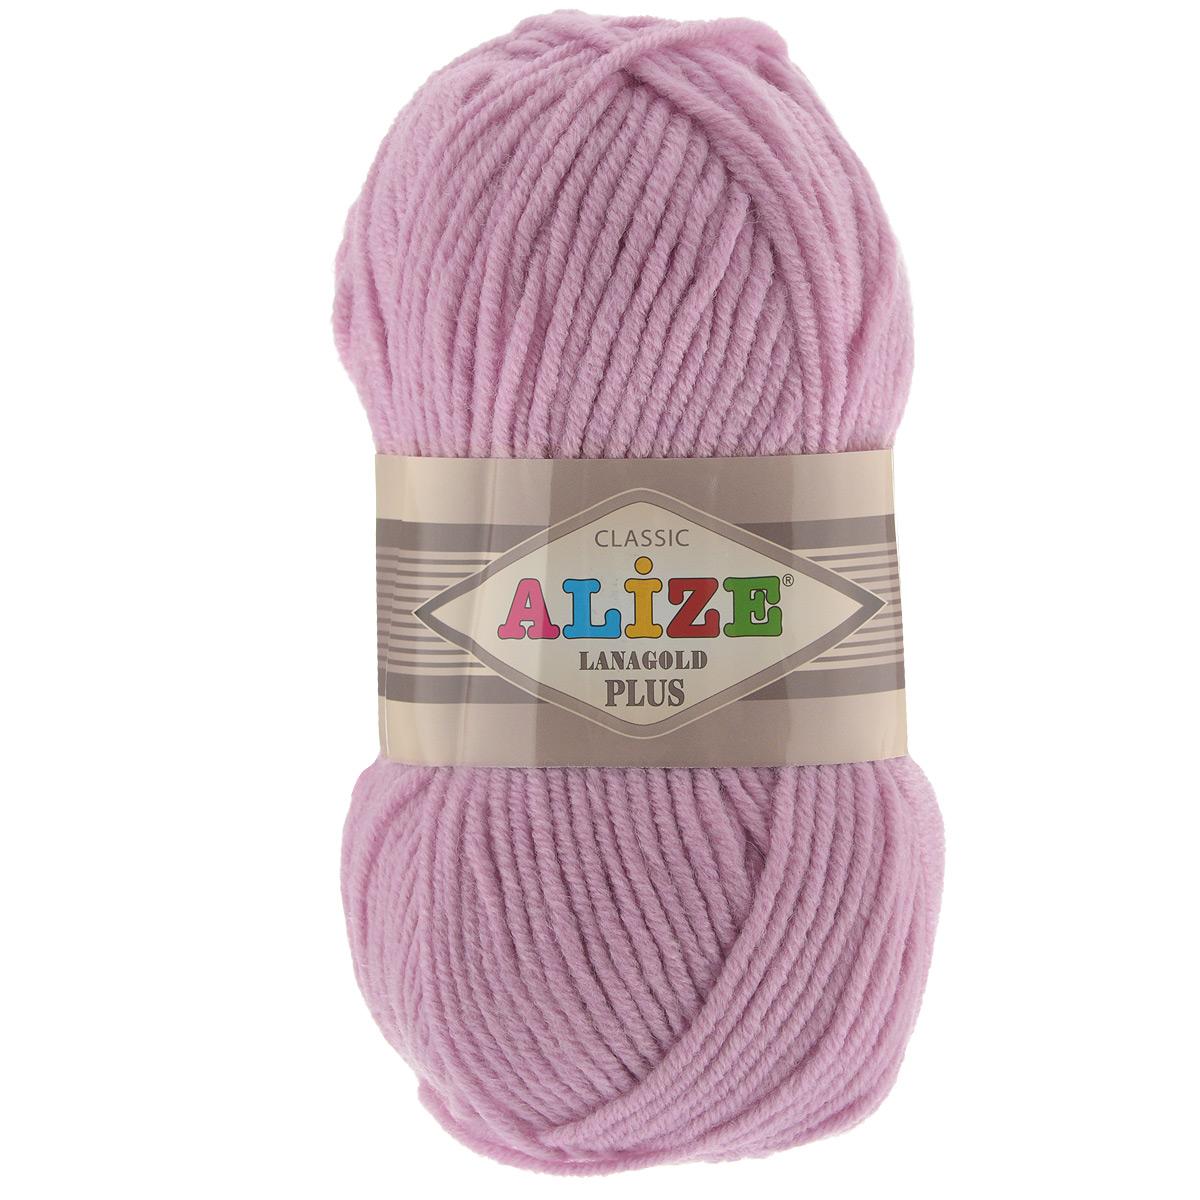 Пряжа для вязания Alize Lana Gold Plus, цвет: розовый (98), 140 м, 100 г, 5 шт695158_98Пряжа Alize Lana Gold Plus - это полюбившаяся всем рукодельницам полушерстяная пряжа, которая прекрасно подойдет для вязания теплых вещей: уютных свитеров и мягких кофт, удобных и стильных платьев и сарафанов, ярких шарфов и шапочек. Сбалансированный состав пряжи Alize Lana Gold Plus позволяет получать мягкие, приятные к телу вещи, хранящие тепло натуральной шерсти и обладающие практичностью акриловой нити. Вязать из полушерстяной теплой пряжи легко и приятно - упругая, плотная нить красиво ложится в любой узор, не слоится и мягко скользит по спицам. Приятная цветовая гамма порадует любителей насыщенных, глубоких оттенков, которые так актуальны зимой. Легкая, мягкая, комфортная. Нить ровная, очень пышная, не линяет и не выгорает, подходит для вязания трикотажных изделий детям и взрослым. Изделия из этой пряжи получаются мягкие, очень легкие, износостойкие. Рекомендуются спицы: 5-7 мм. Комплектация: 5 мотков. Состав: 51% акрил, 49%...